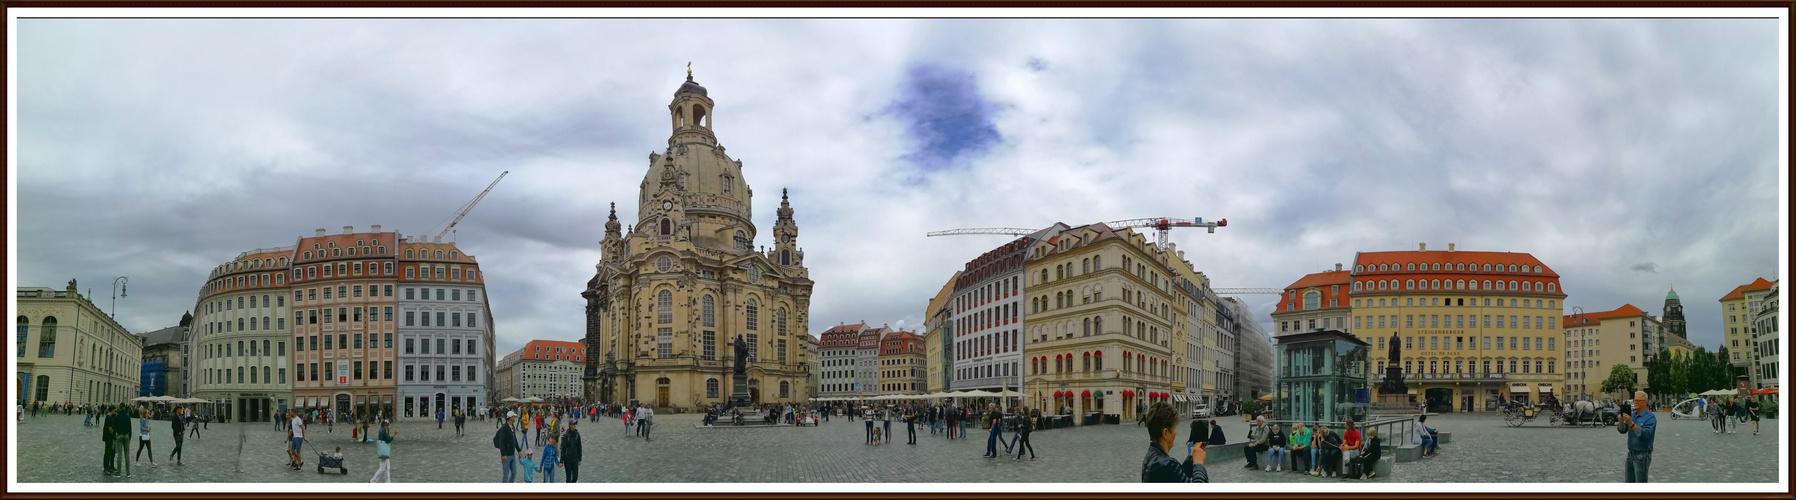 Dresden-Panorama mit Frauenkirche